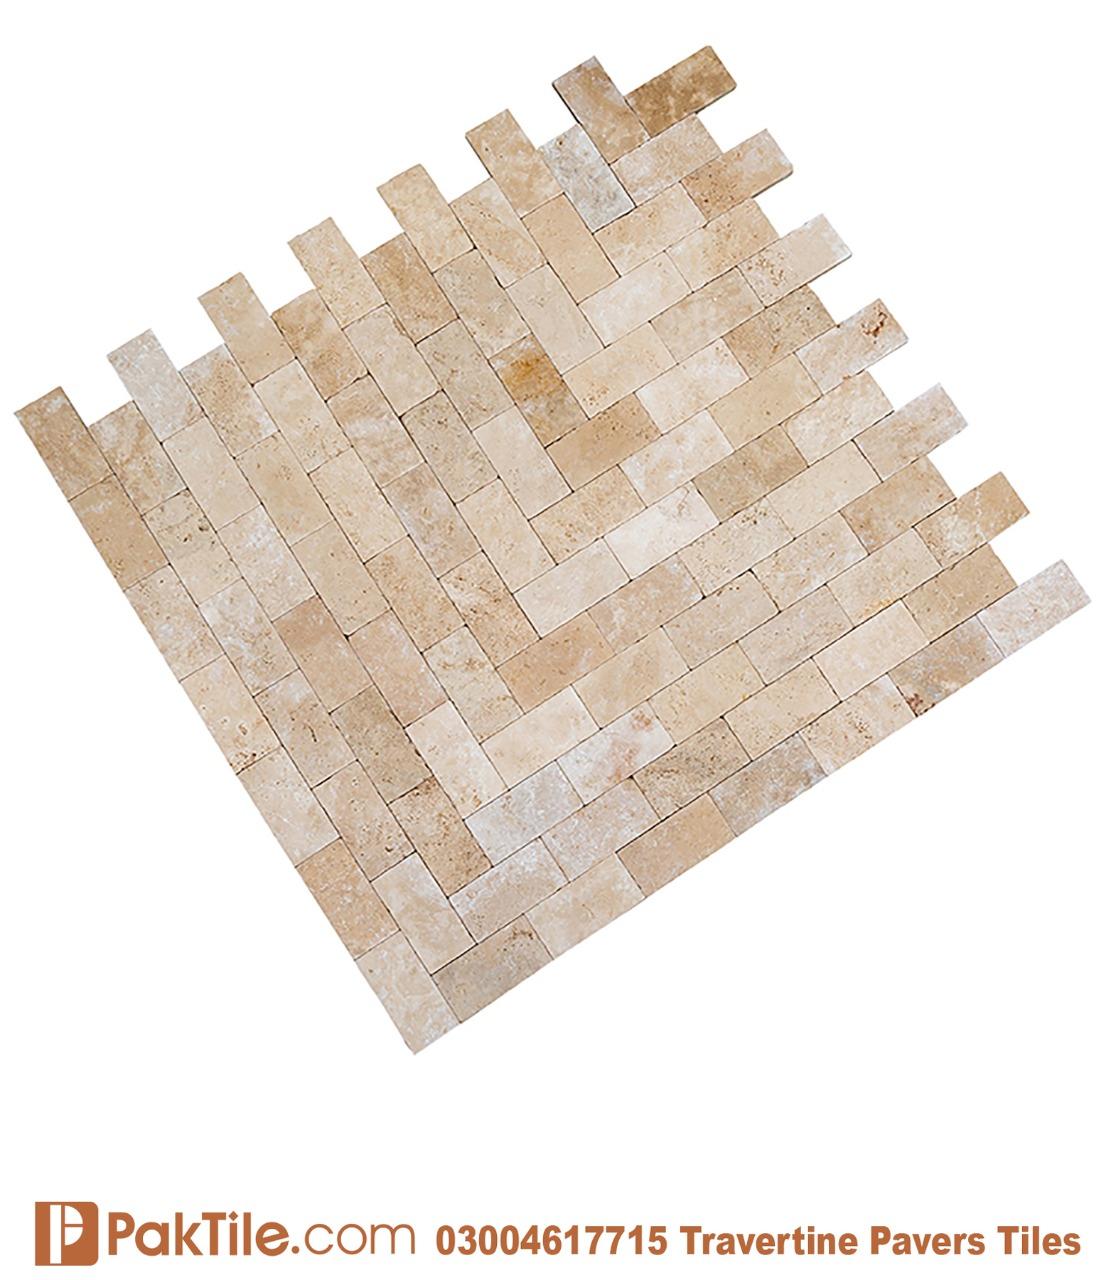 Pak Tiles Travertine Paving Tiles Pattern Warehouse